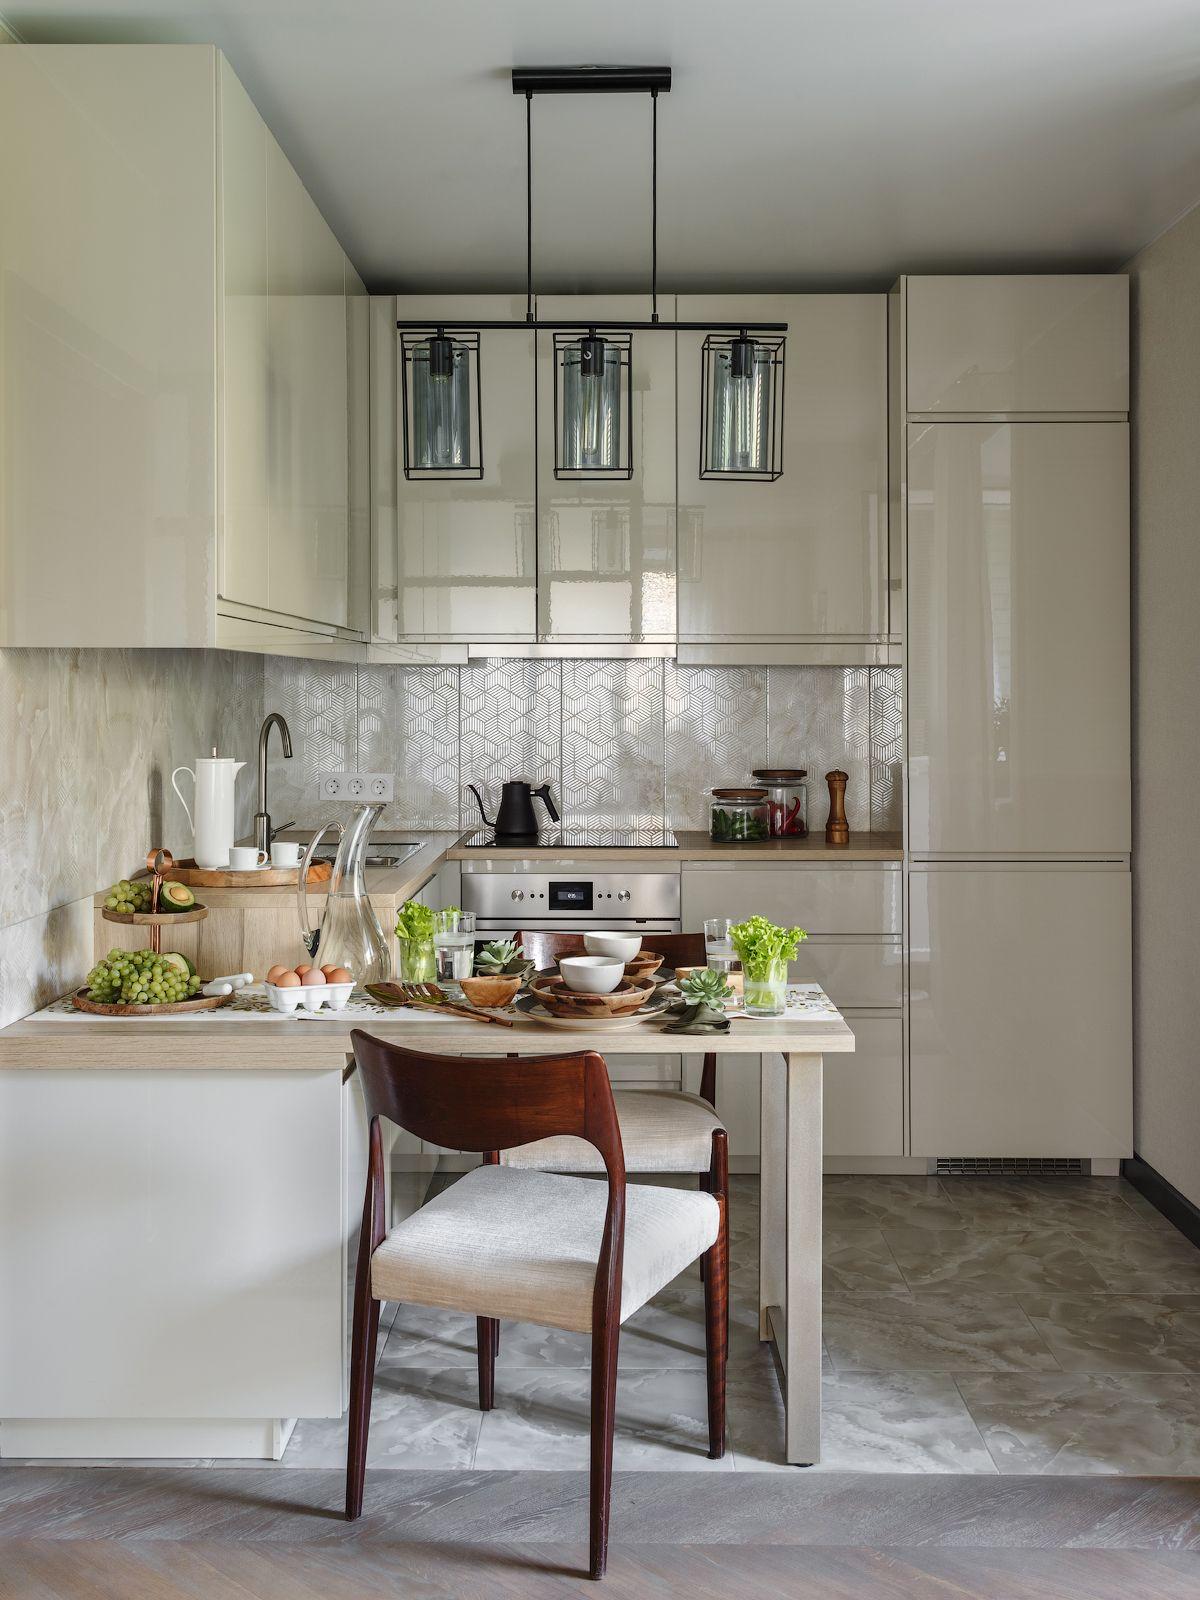 Bucătăria este bine organizată, iar designerii au ales nuanțe deschise pentru mobilier (de la IKEA) pentru a conferi mai multă luminozitate în zonă. Toate electrocasnicele sunt încorporate, iar locul de luat masa este configurat în prelungirea blatului. Deasupra acestuia a fost amplasat corpul de iluminat de la Eglo.